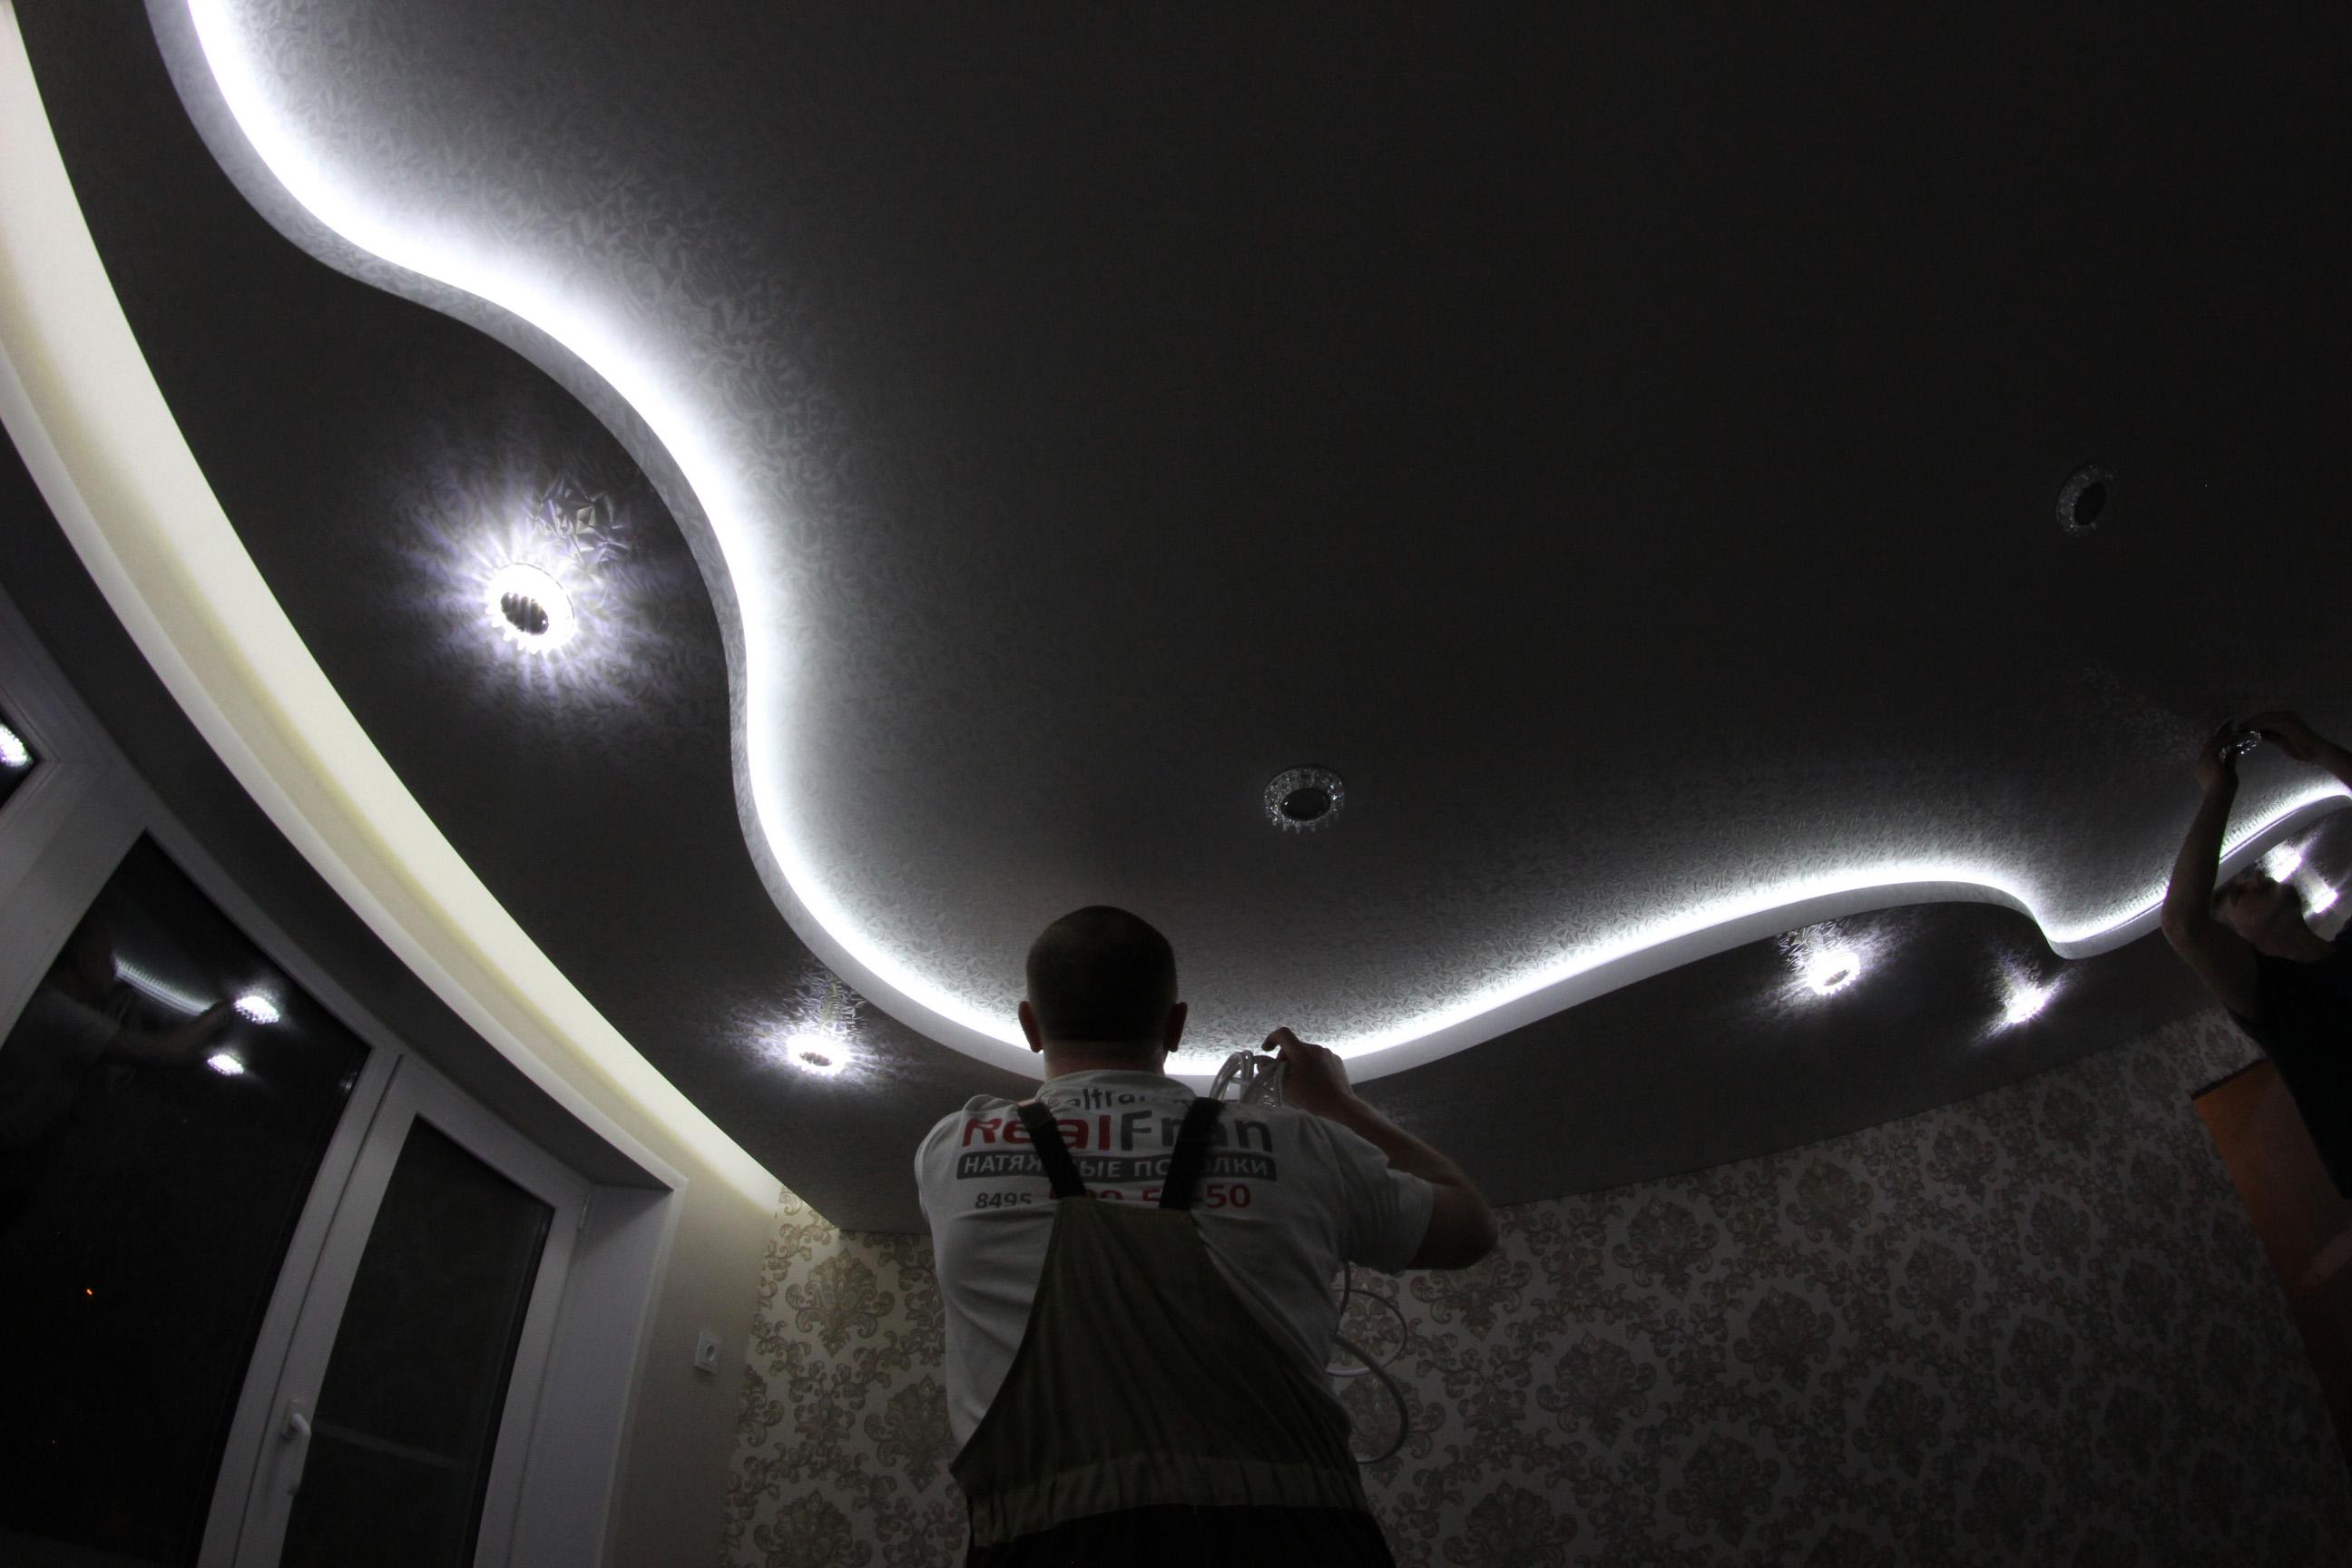 своего кулакова натяжной потолок криволинейный с подсветкой фото глория